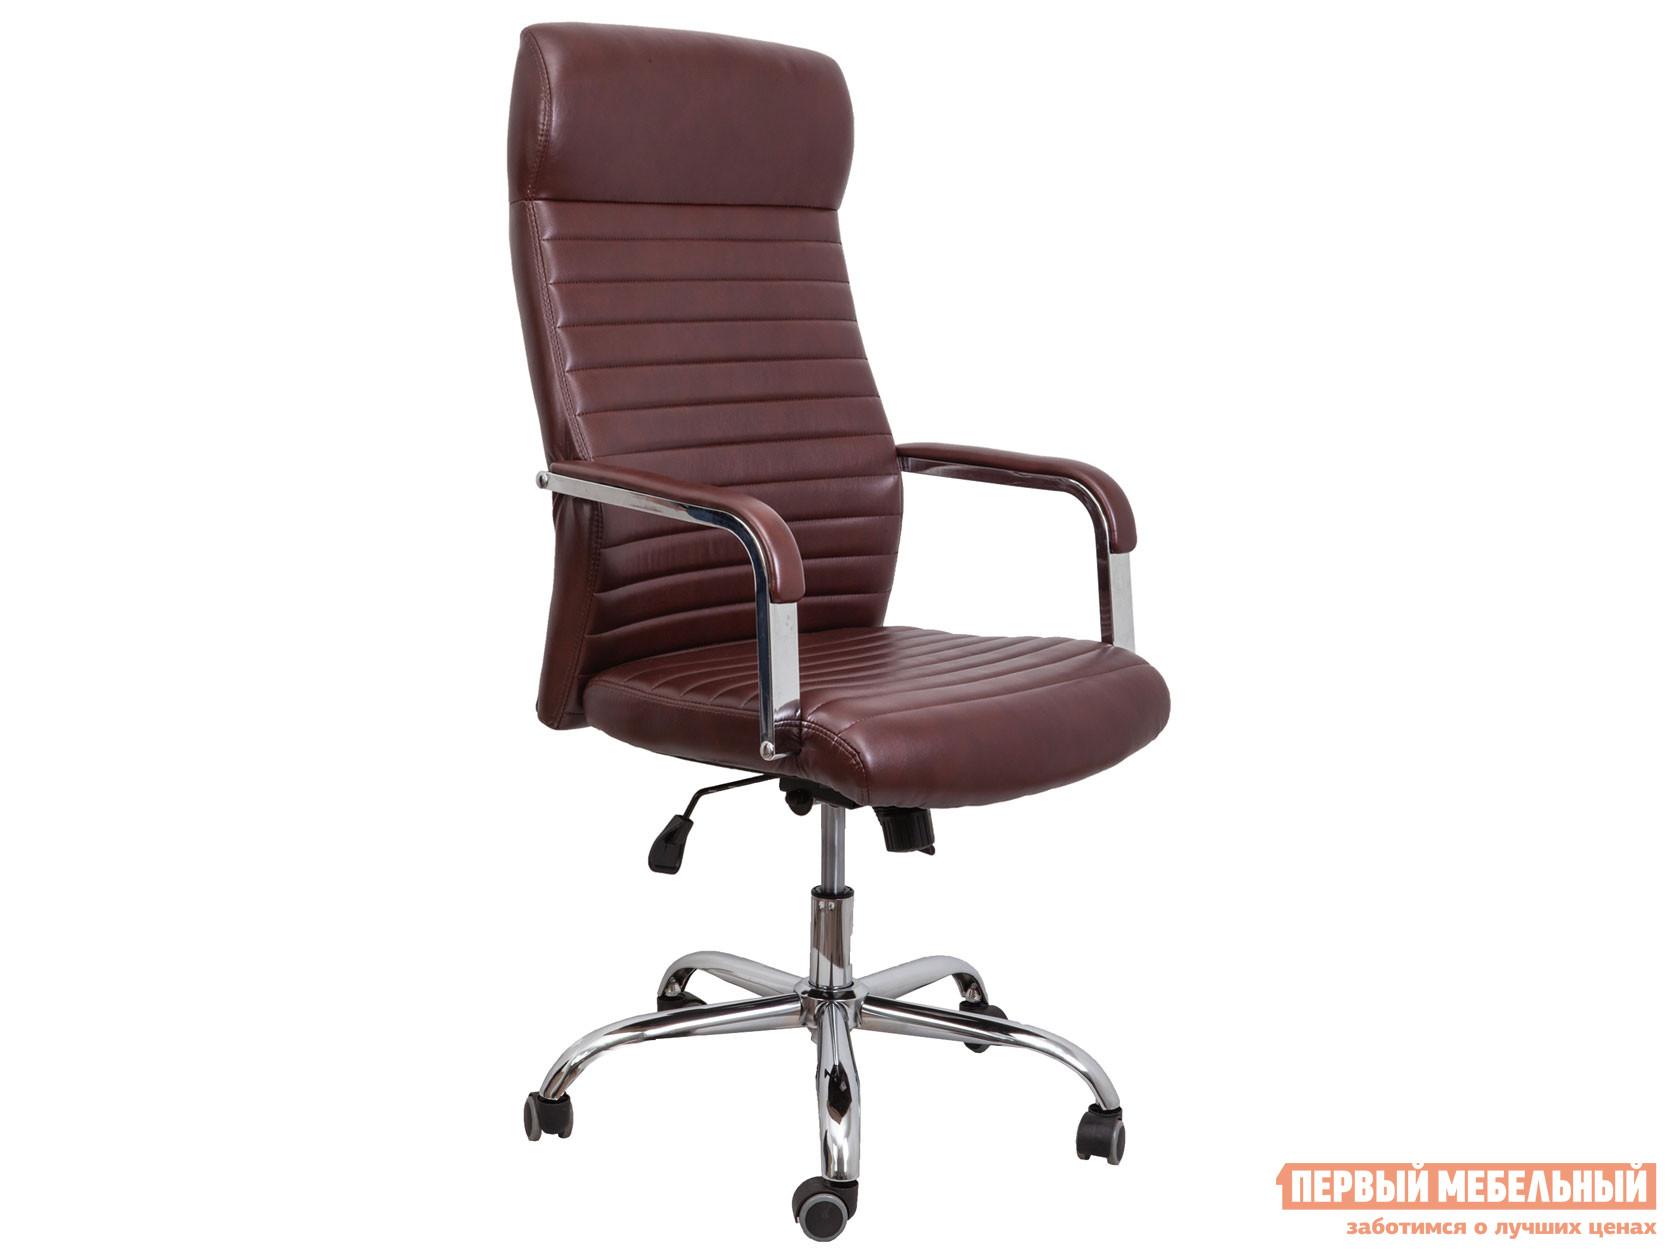 Кресло руководителя  Кресло поворотное PILOT A Коричневый бриллиант, экокожа